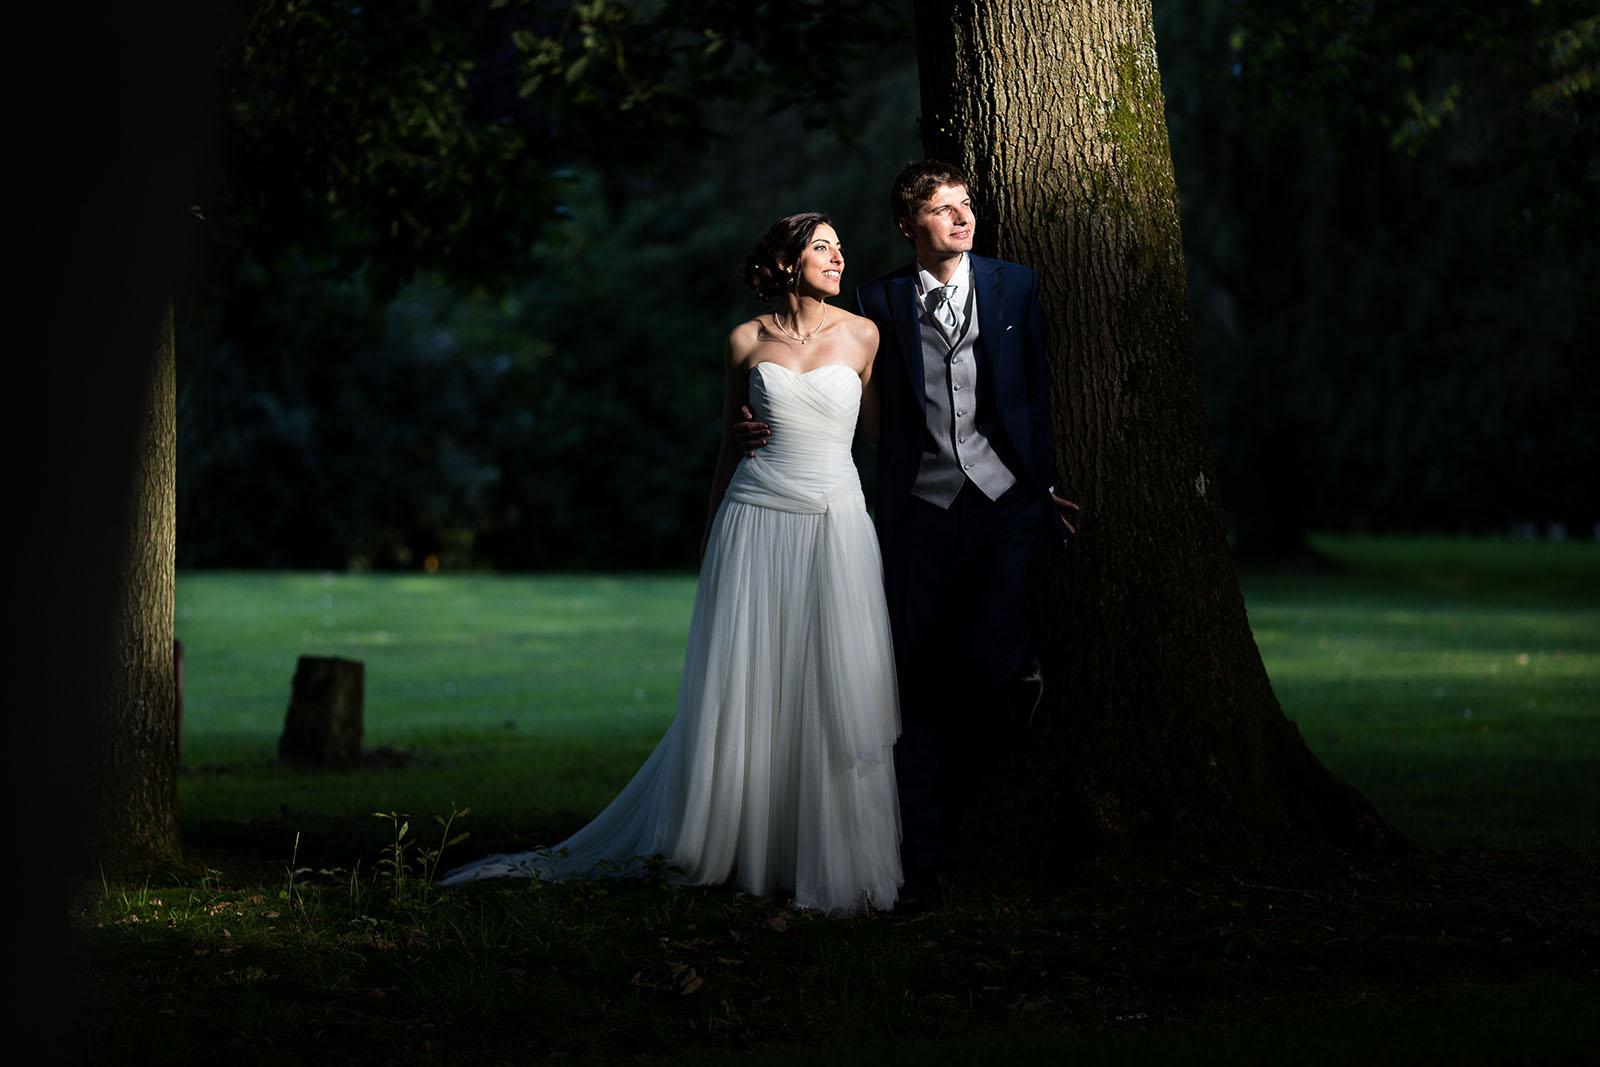 Mariage au Manoir de Corny en Normandie. Portrait des mariés dans les jardins avec une belle lumière